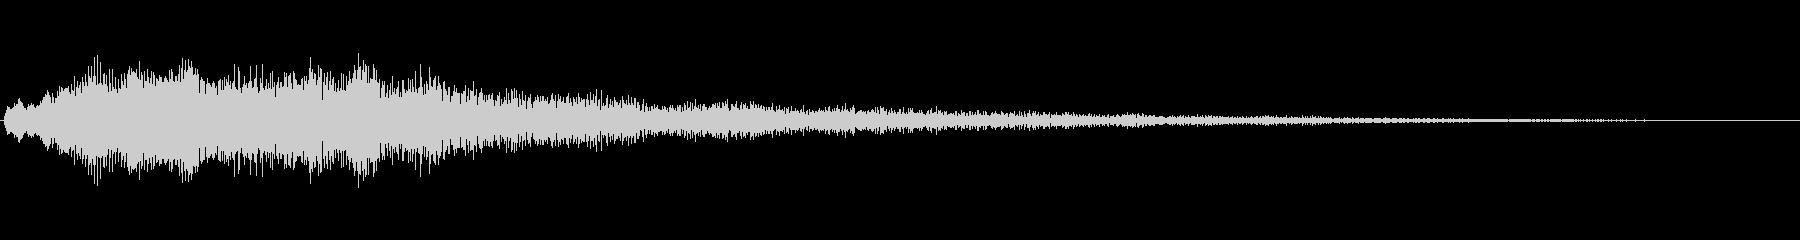 キラーーーン #54の未再生の波形